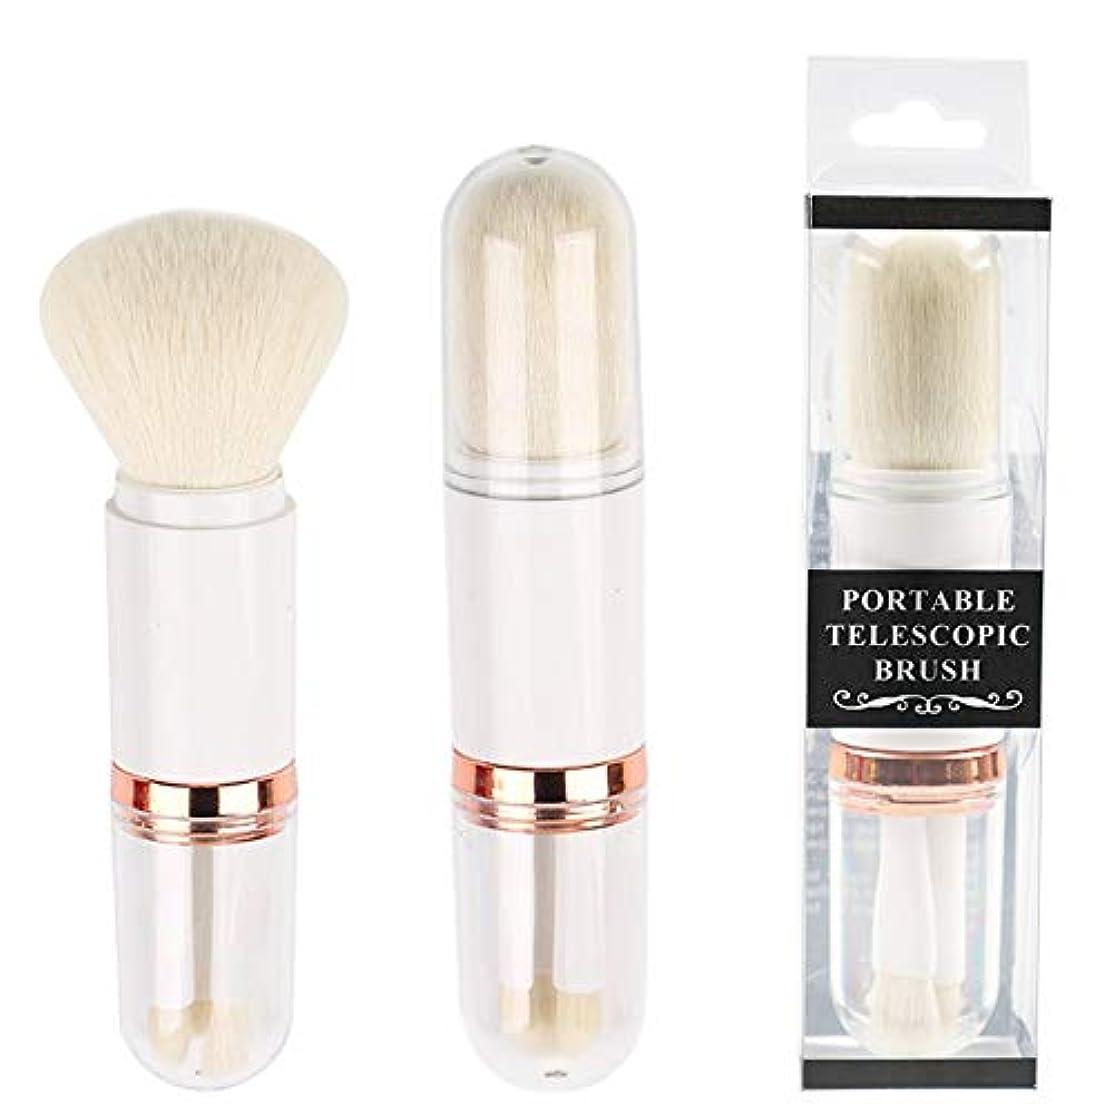 すすり泣き襲撃始まりMakeup brushes 4で1化粧ブラシポータブル開閉式カバー三つ折りヘッドWantonパウダーブラシアイシャドウブラシ美容ツール suits (Color : White)